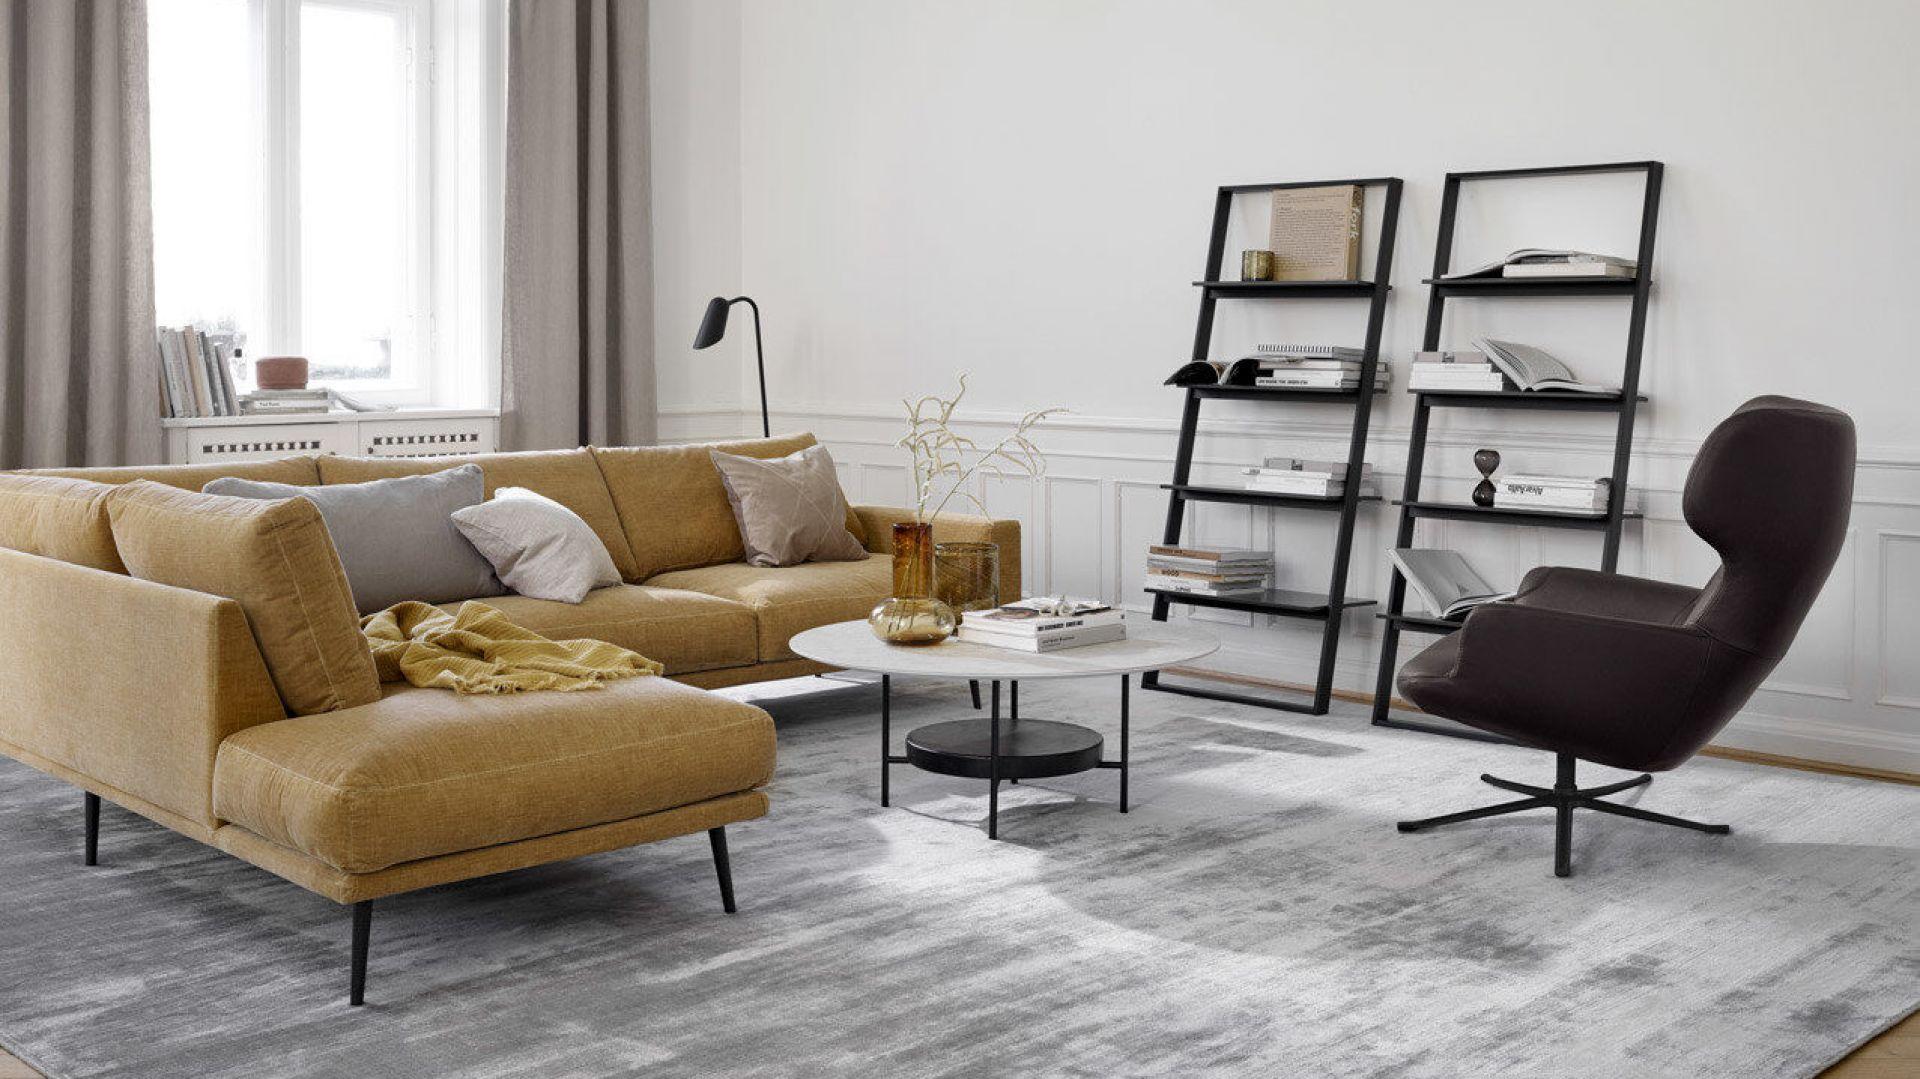 Top 10: szare dywany do wnętrz. Zobacz nowości z polskich